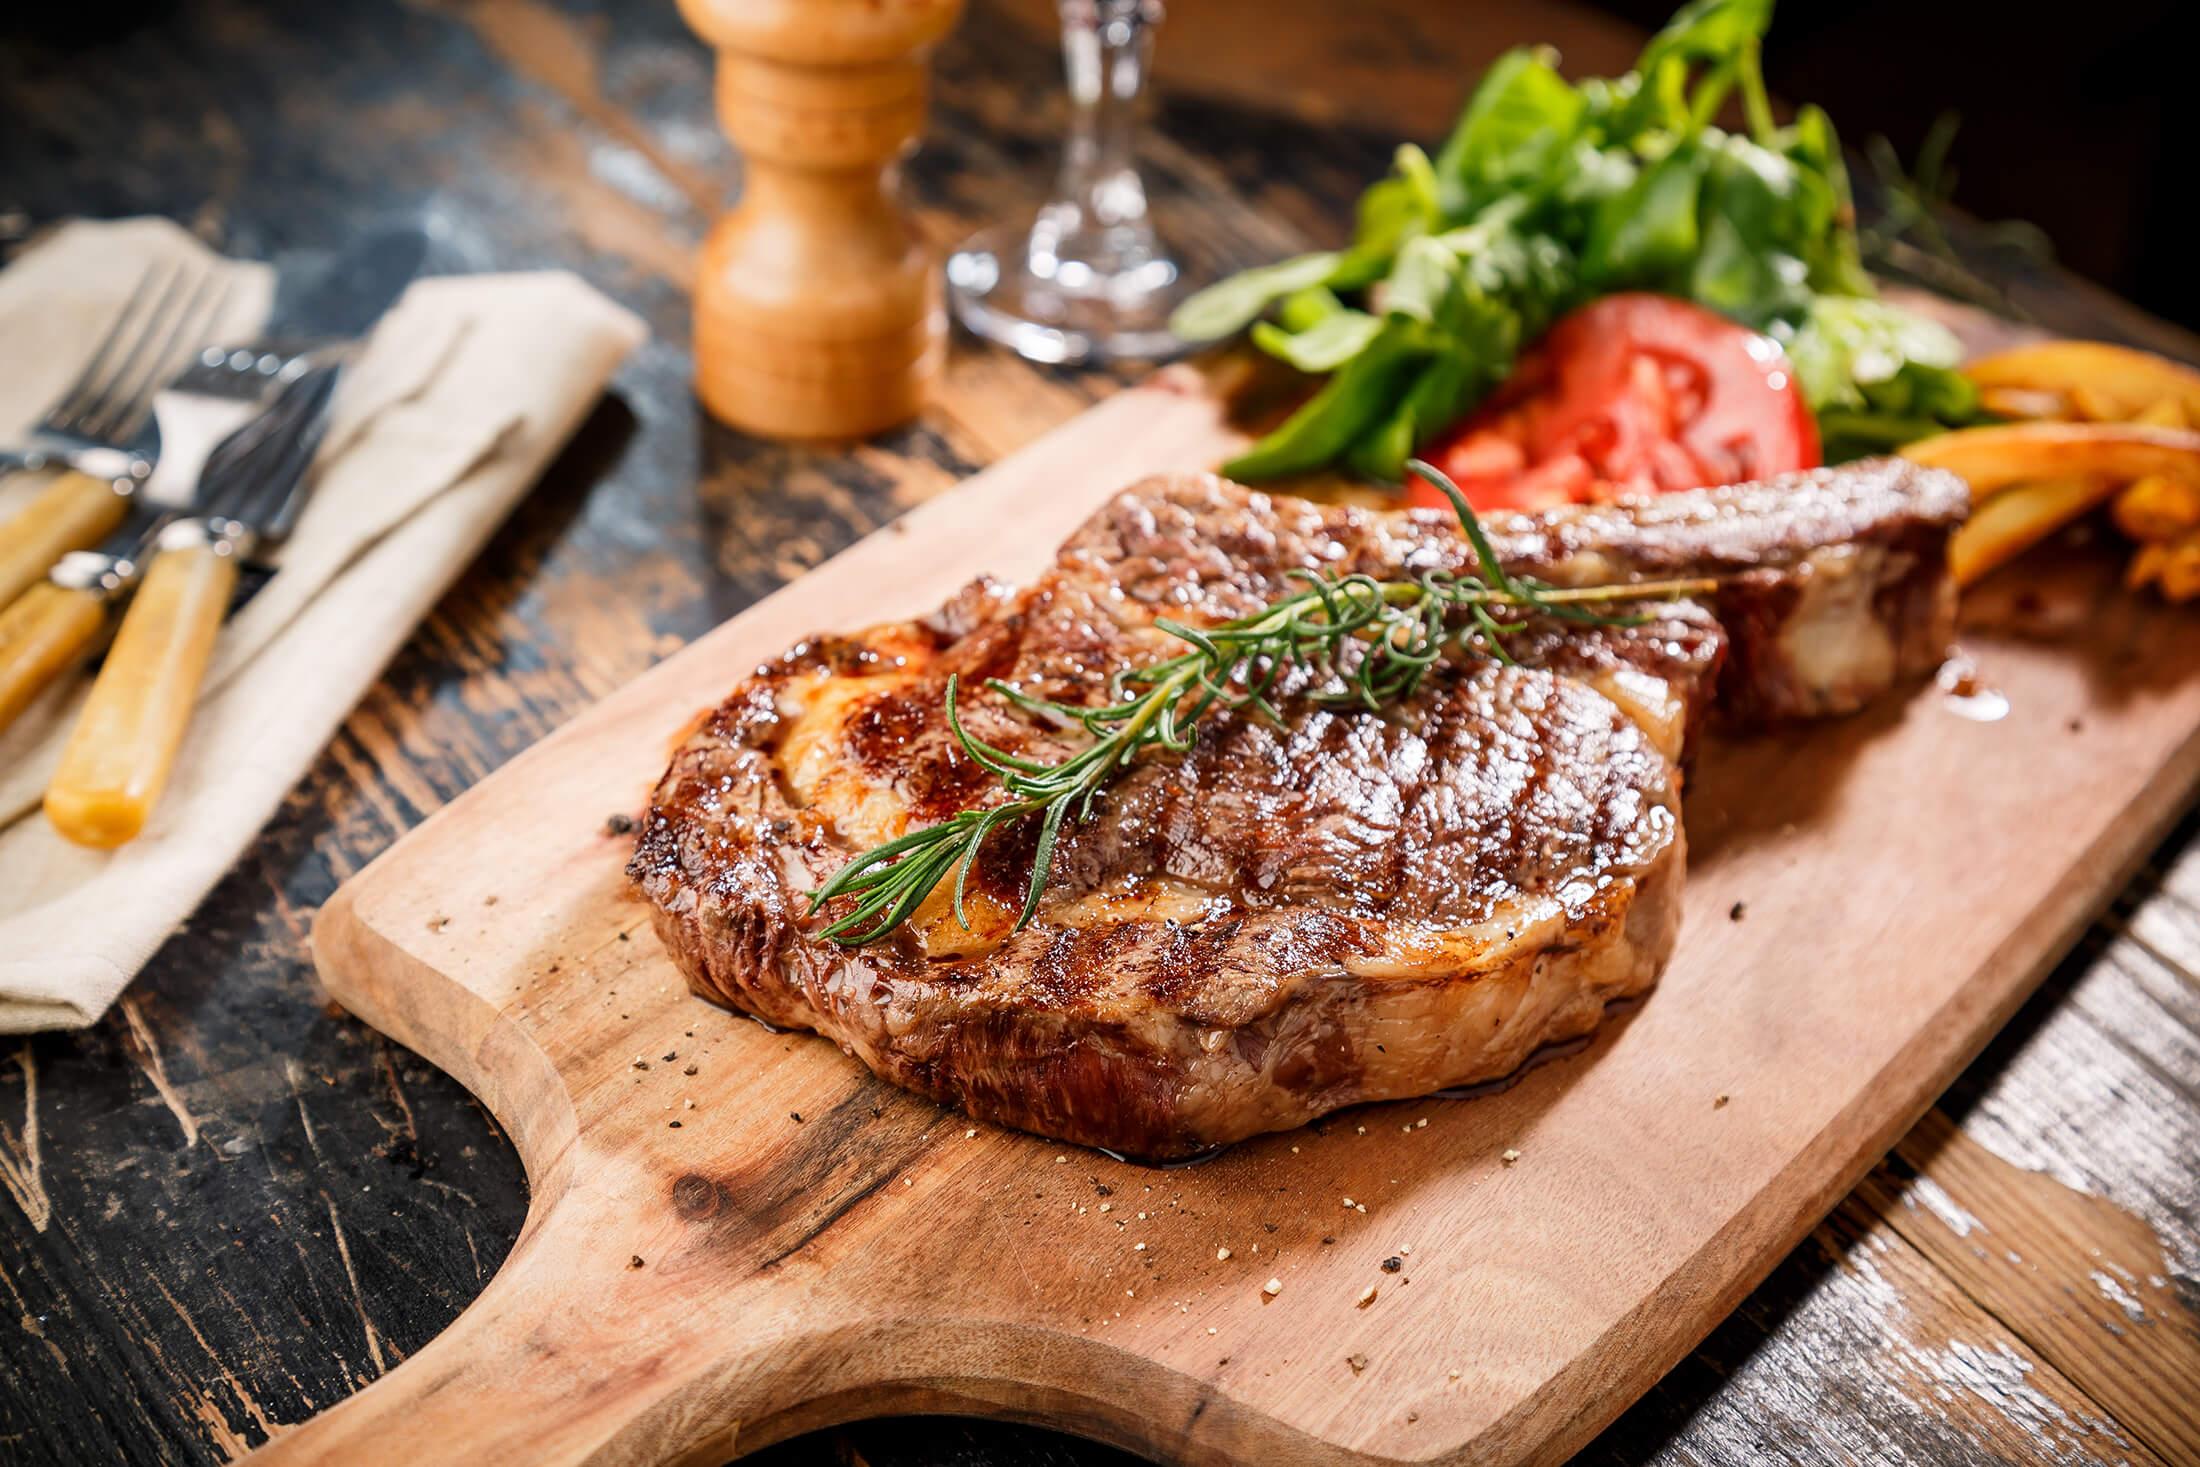 Steak on a wooden platter